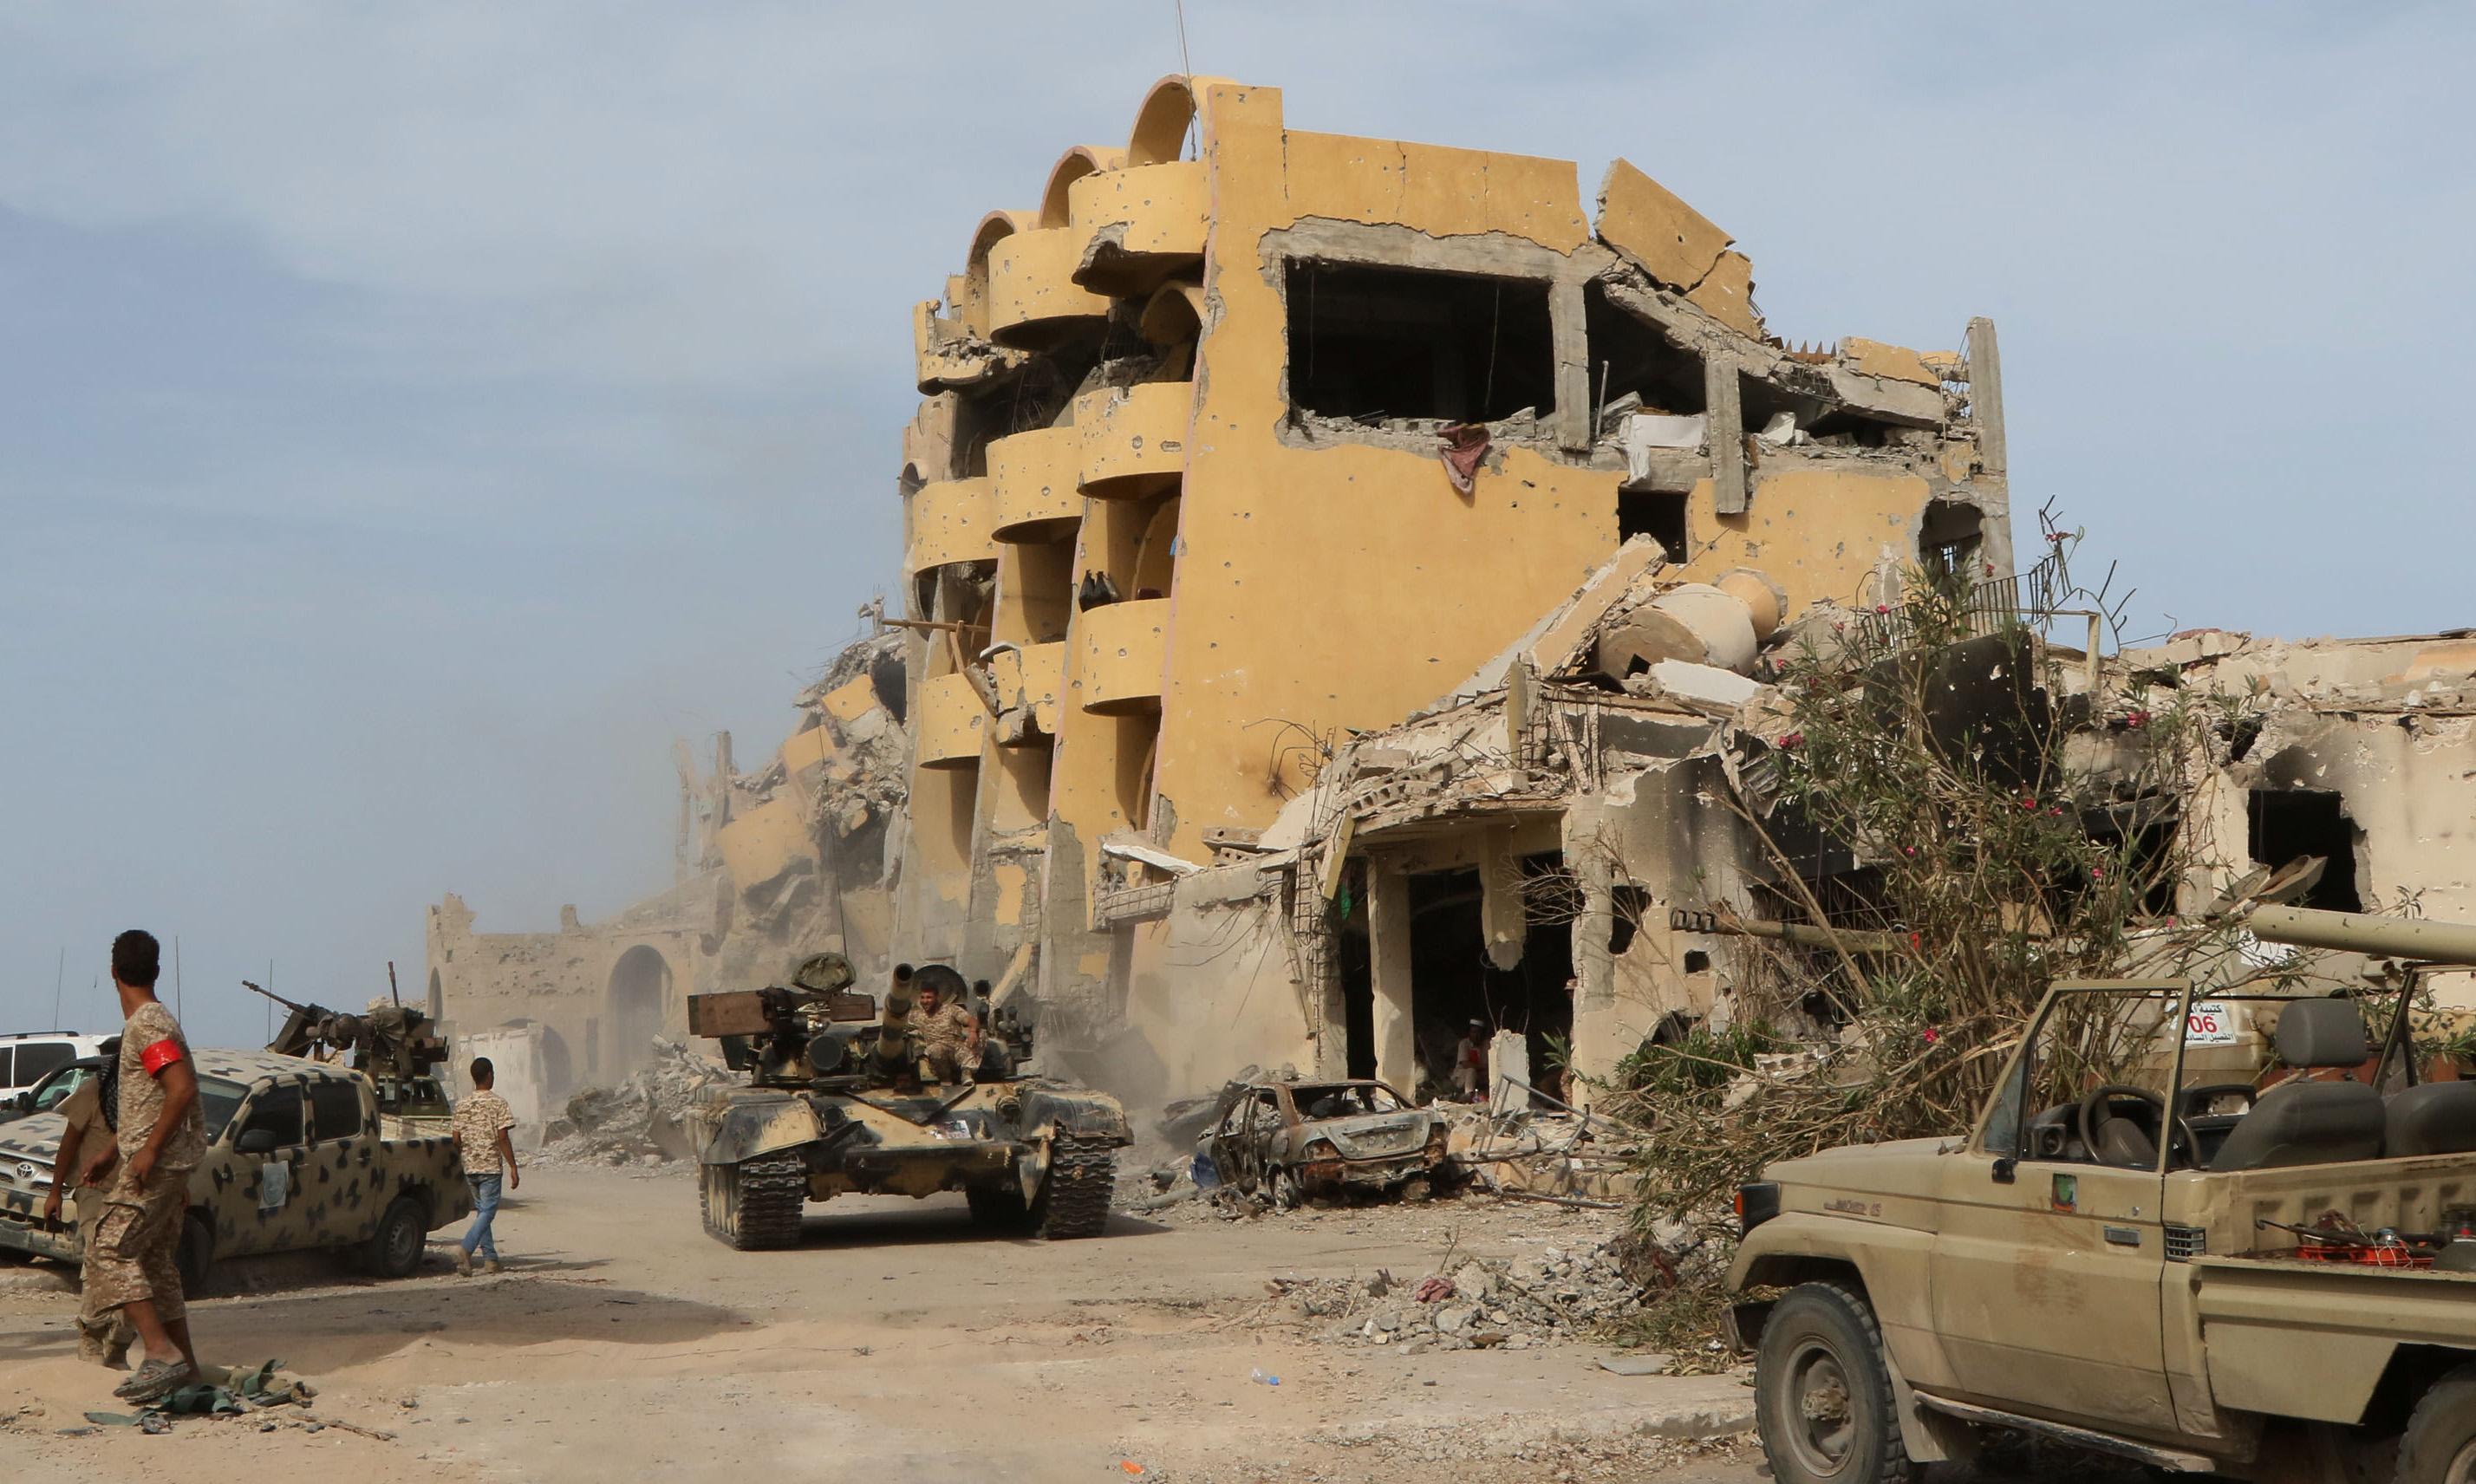 10月14日,在利比亚西部城市苏尔特,利比亚民族团结政府卫队成员参与军事行动。(新华社/法新)